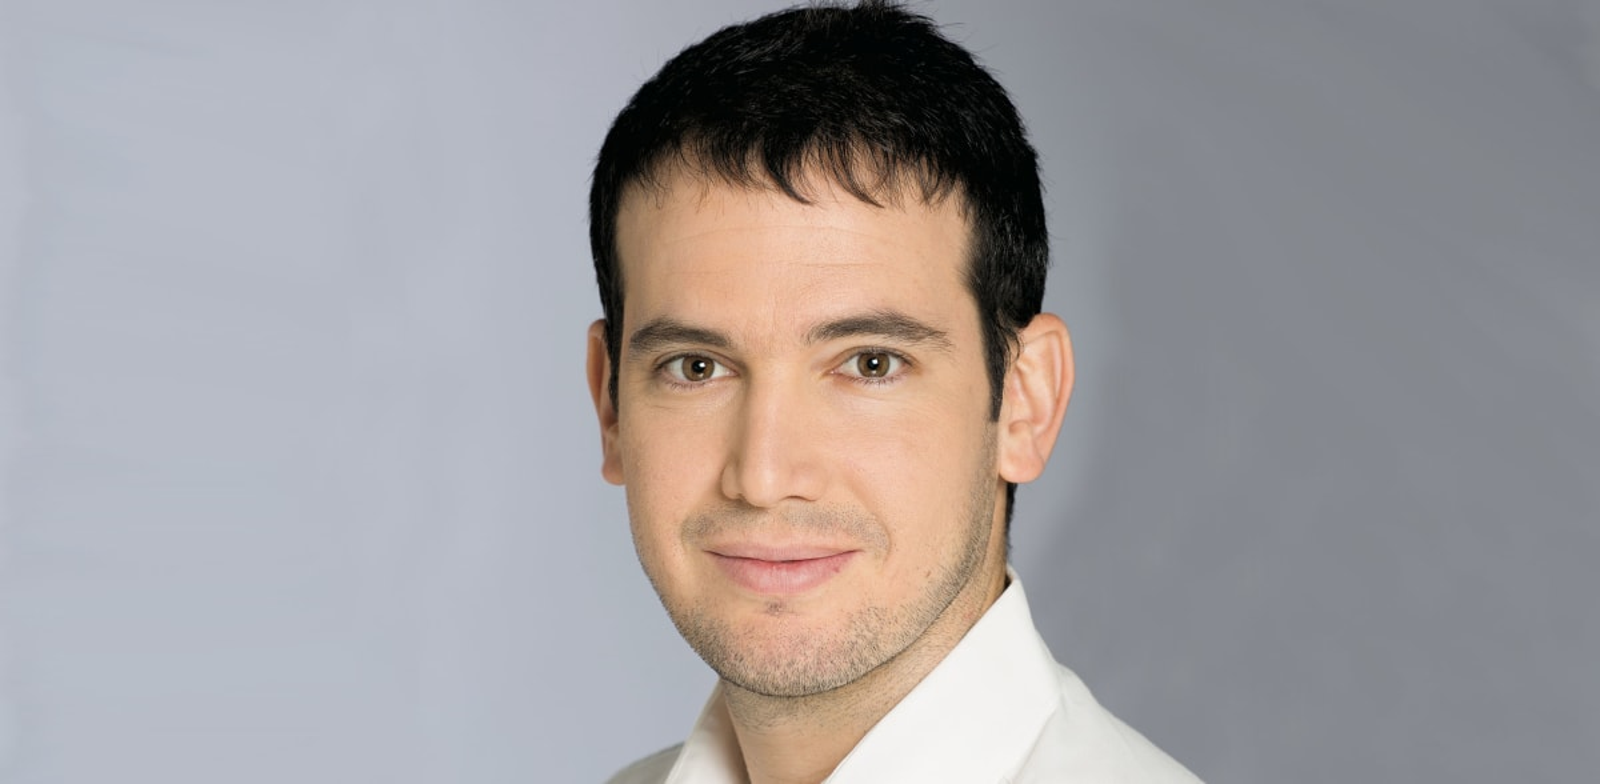 דניאל אלון, מנהל קרנות הגידור של פסגות / צילום: רמי זרנגר